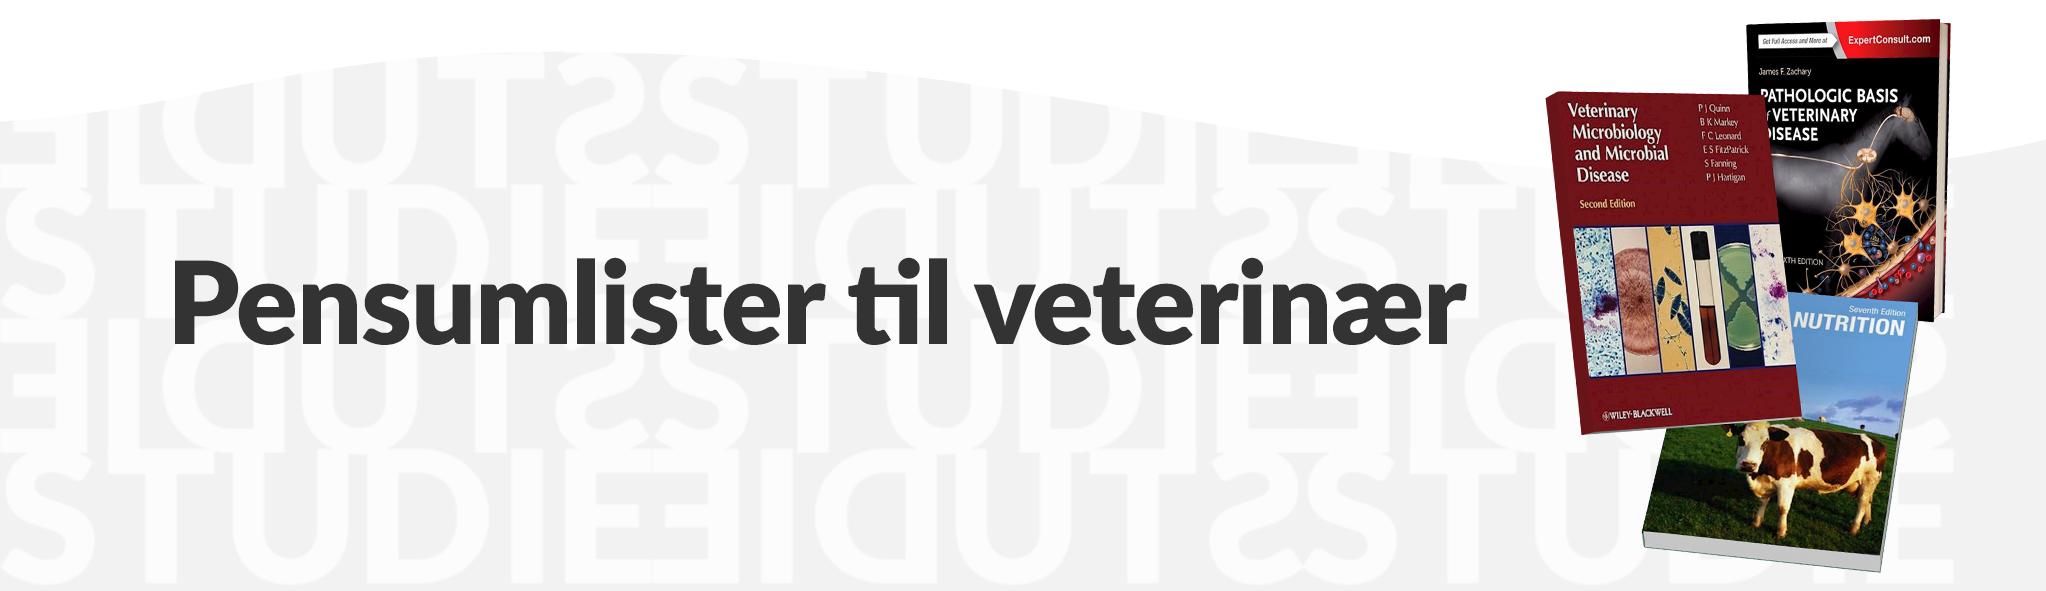 Pensumlister til veterinær